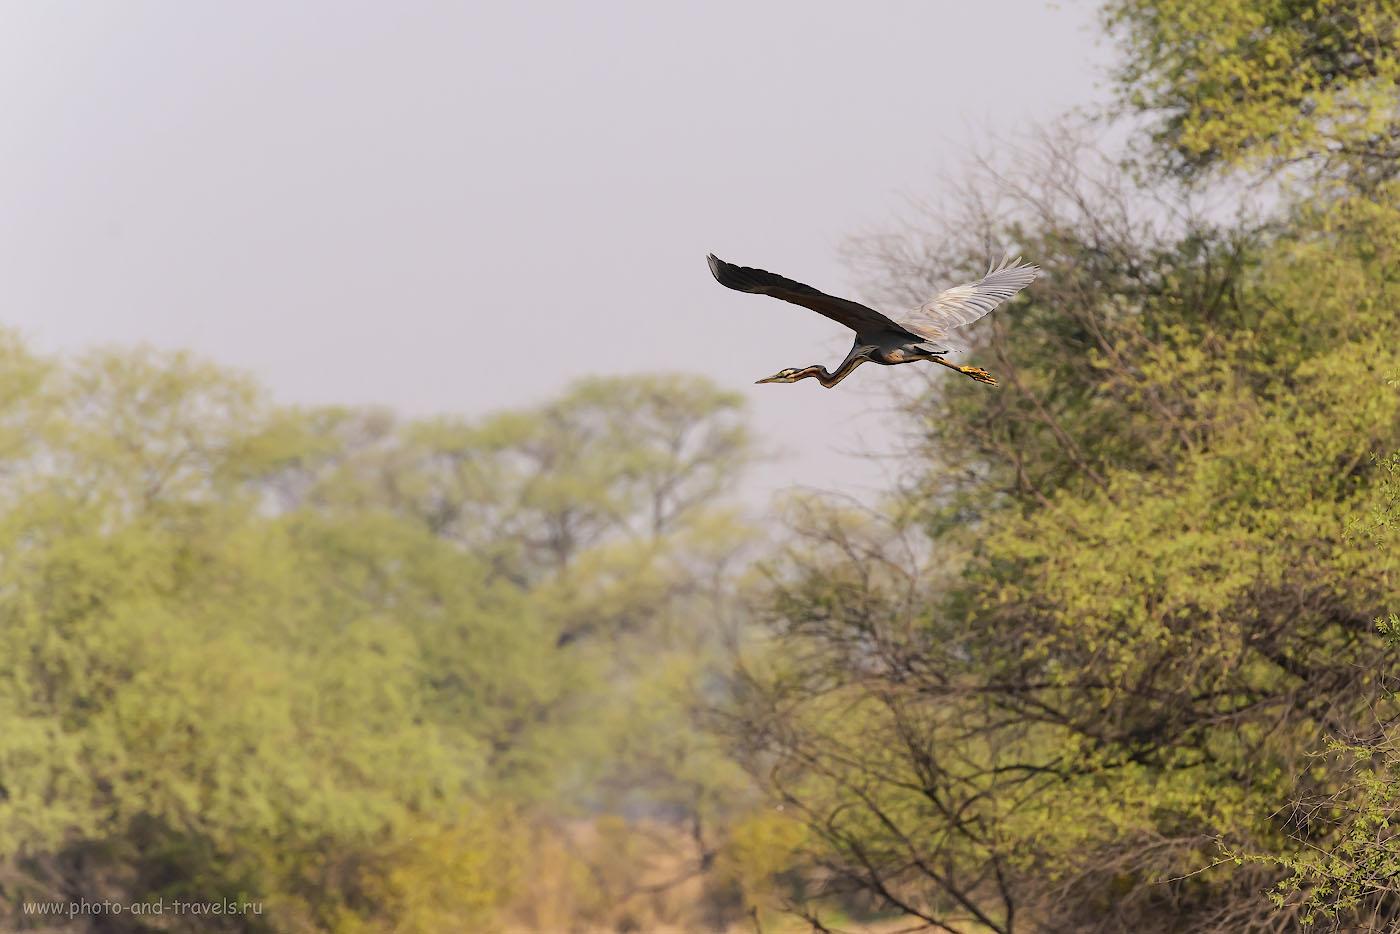 27. Летящая индийская змеешейка. Национальный парк Кеоладео. 1/2000, -0.33, 7.1, 1100, 270.